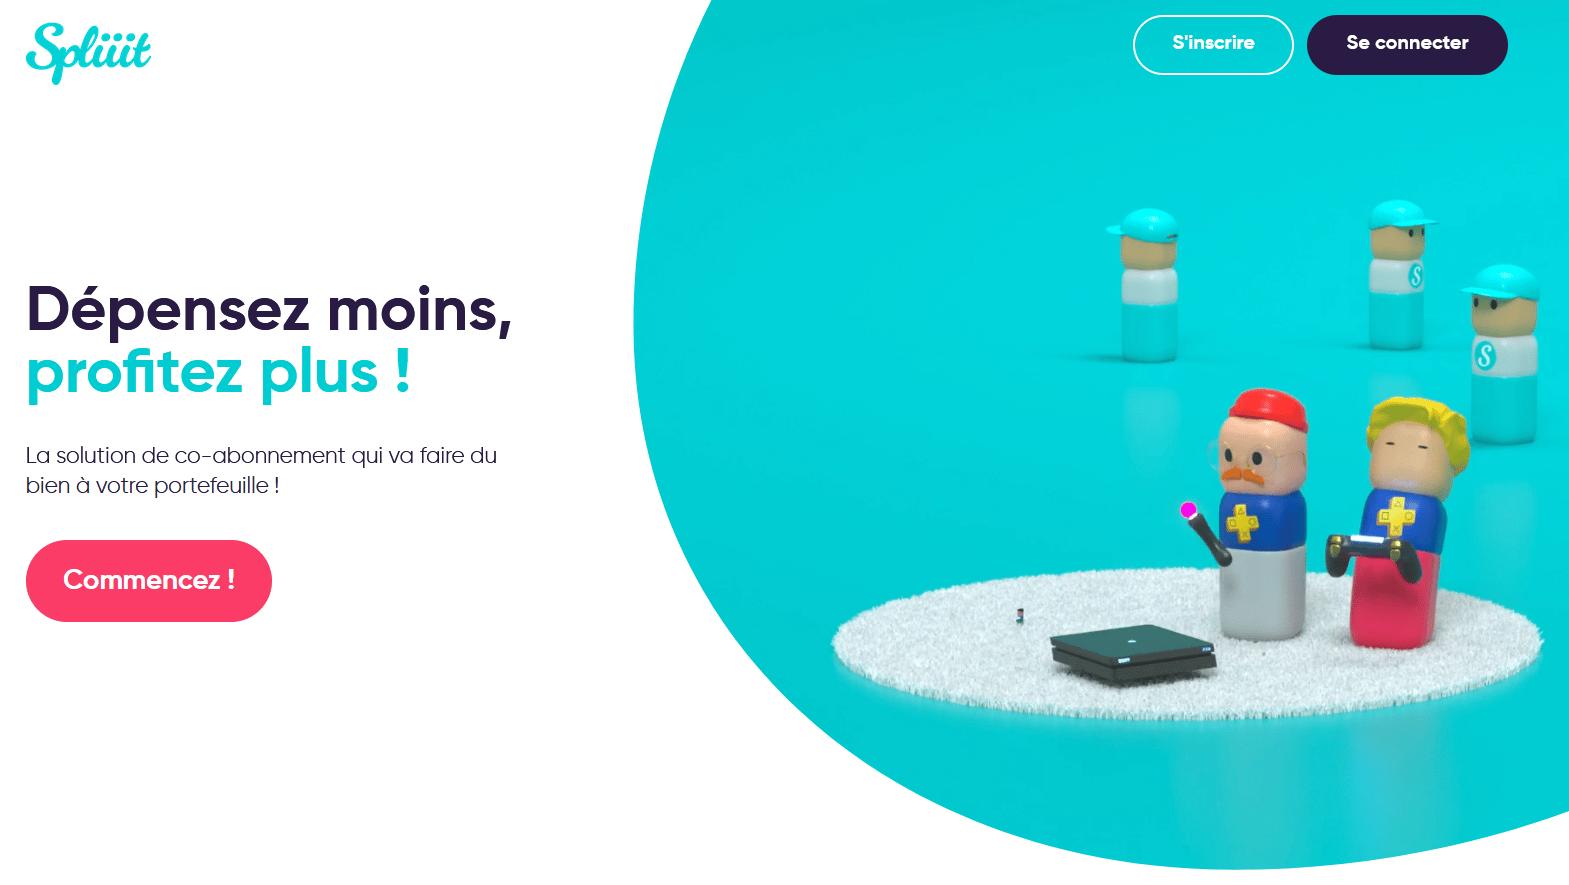 Page d'accueil de Spliiit